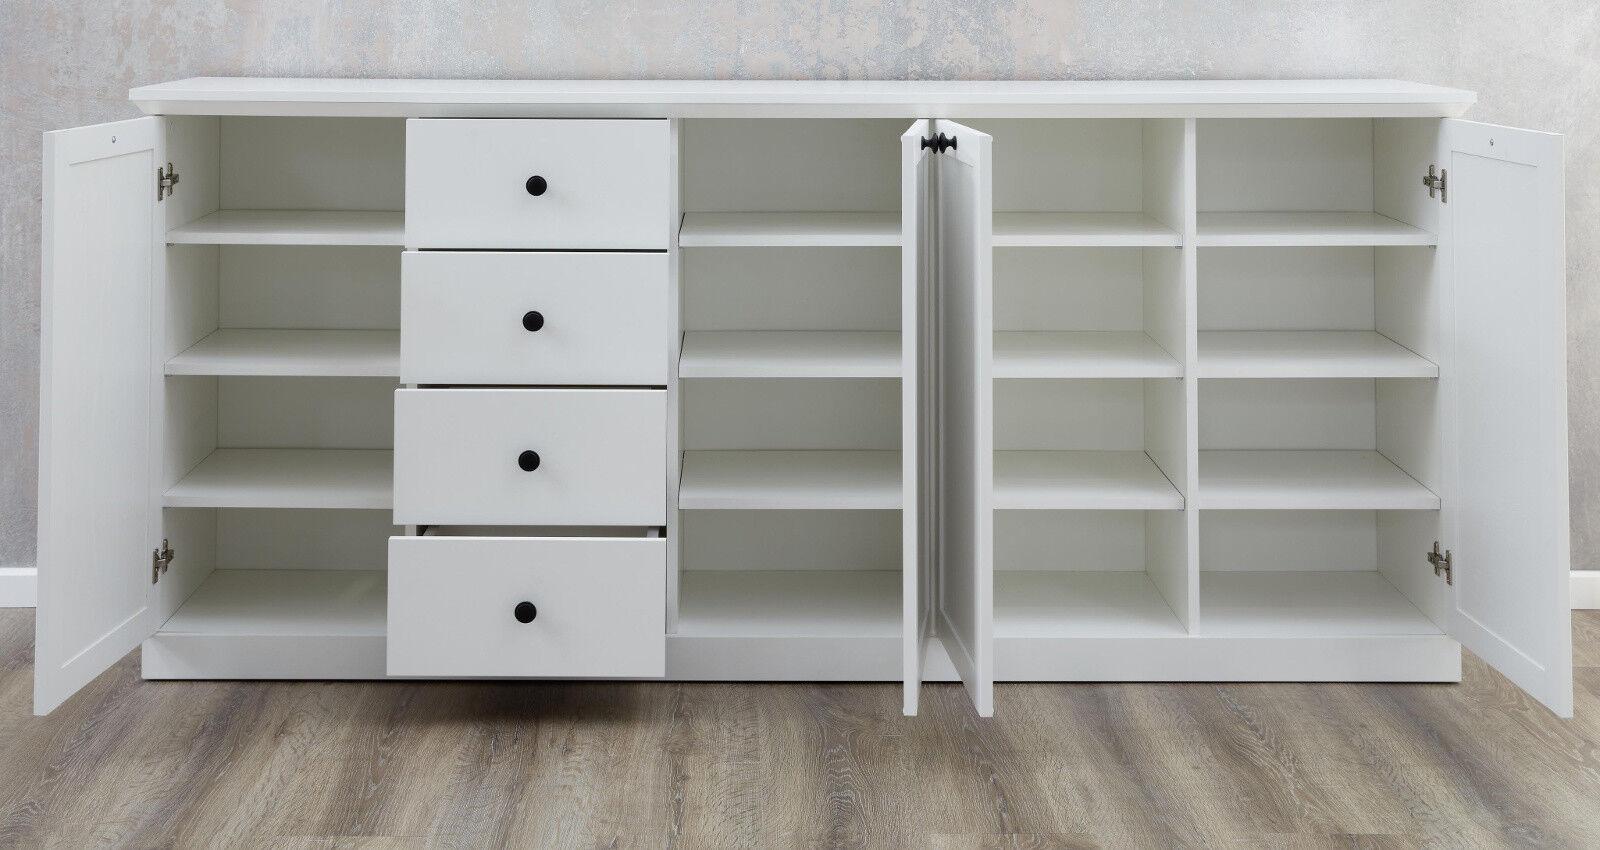 Sideboard Anrichte Weiß Landhaus Kommode 195 Cm Wohn  Und Esszimmer Möbel  Baxter 6 6 Von 6 Siehe Mehr